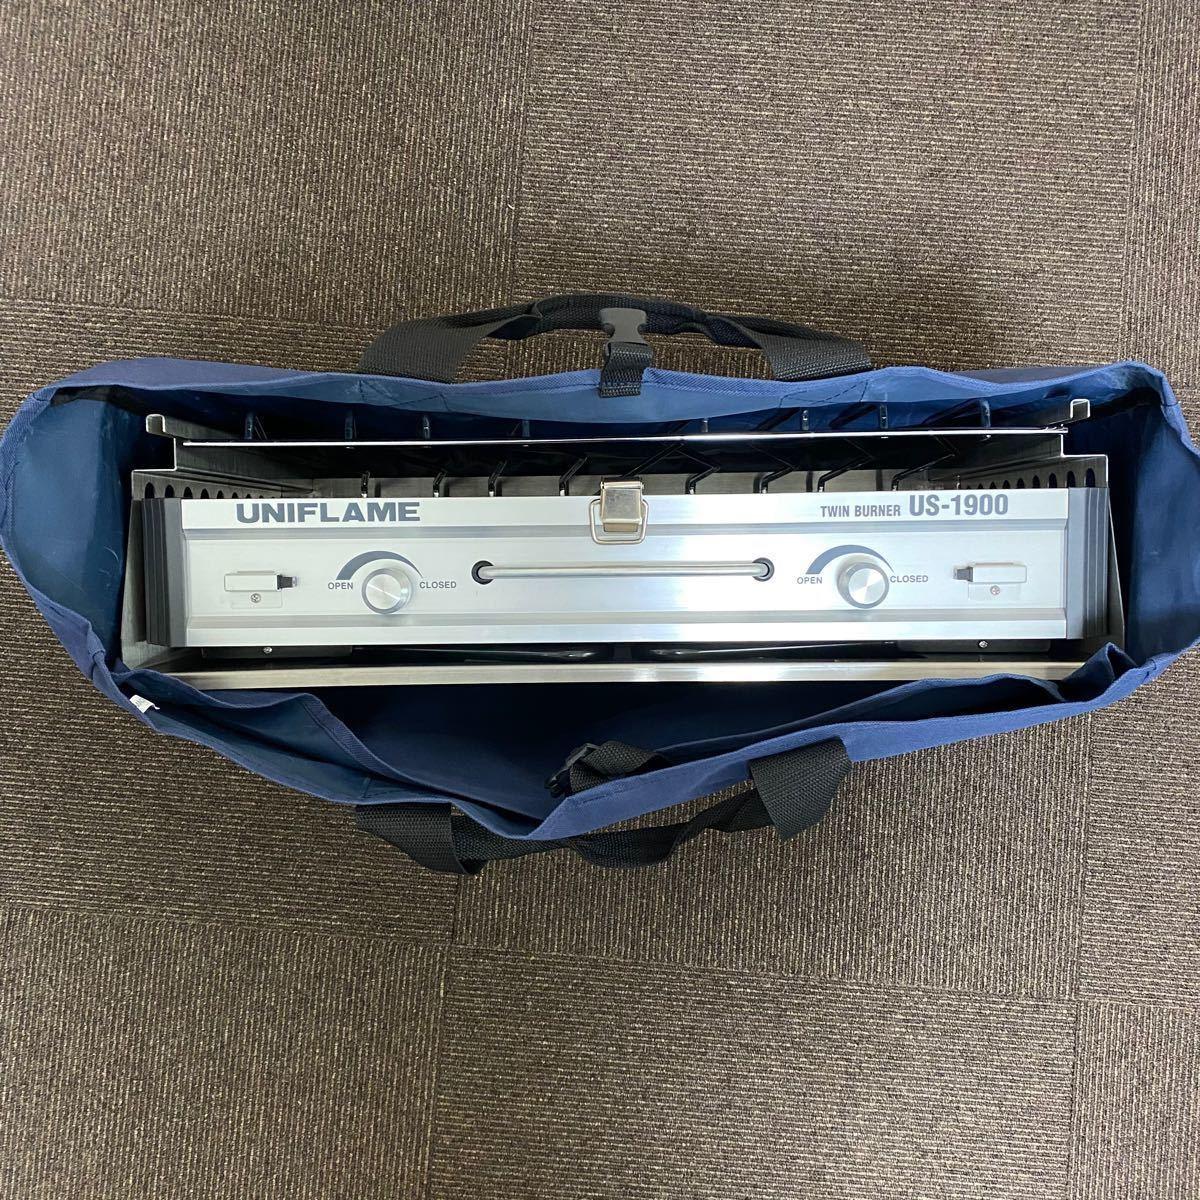 ユニフレーム  ツインバーナーUS-1900&スノーピーク  IGTビルトインアダプター&専用天板2枚&収納バックのセット